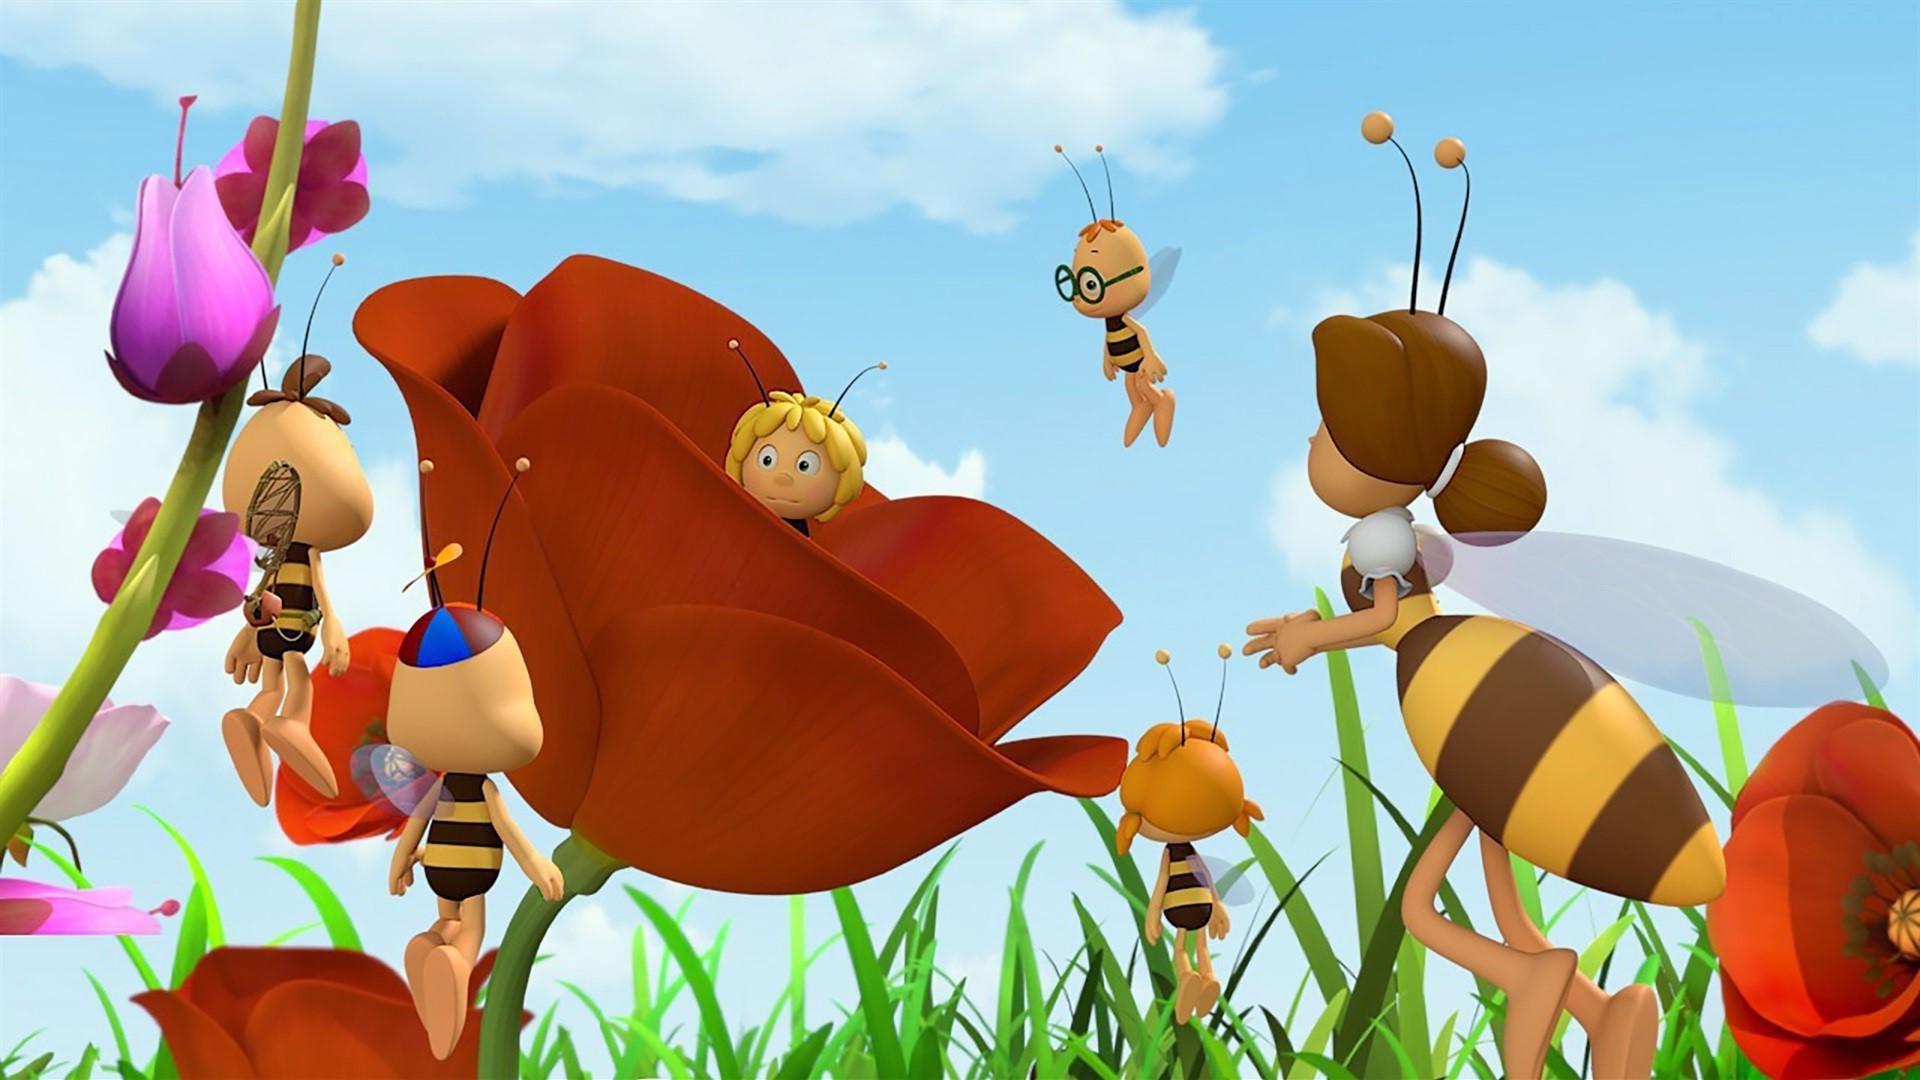 Biene Maja Bilder Kostenlos Einzigartig 21 Neu Ausmalbilder Biene Maja – Malvorlagen Ideen Galerie